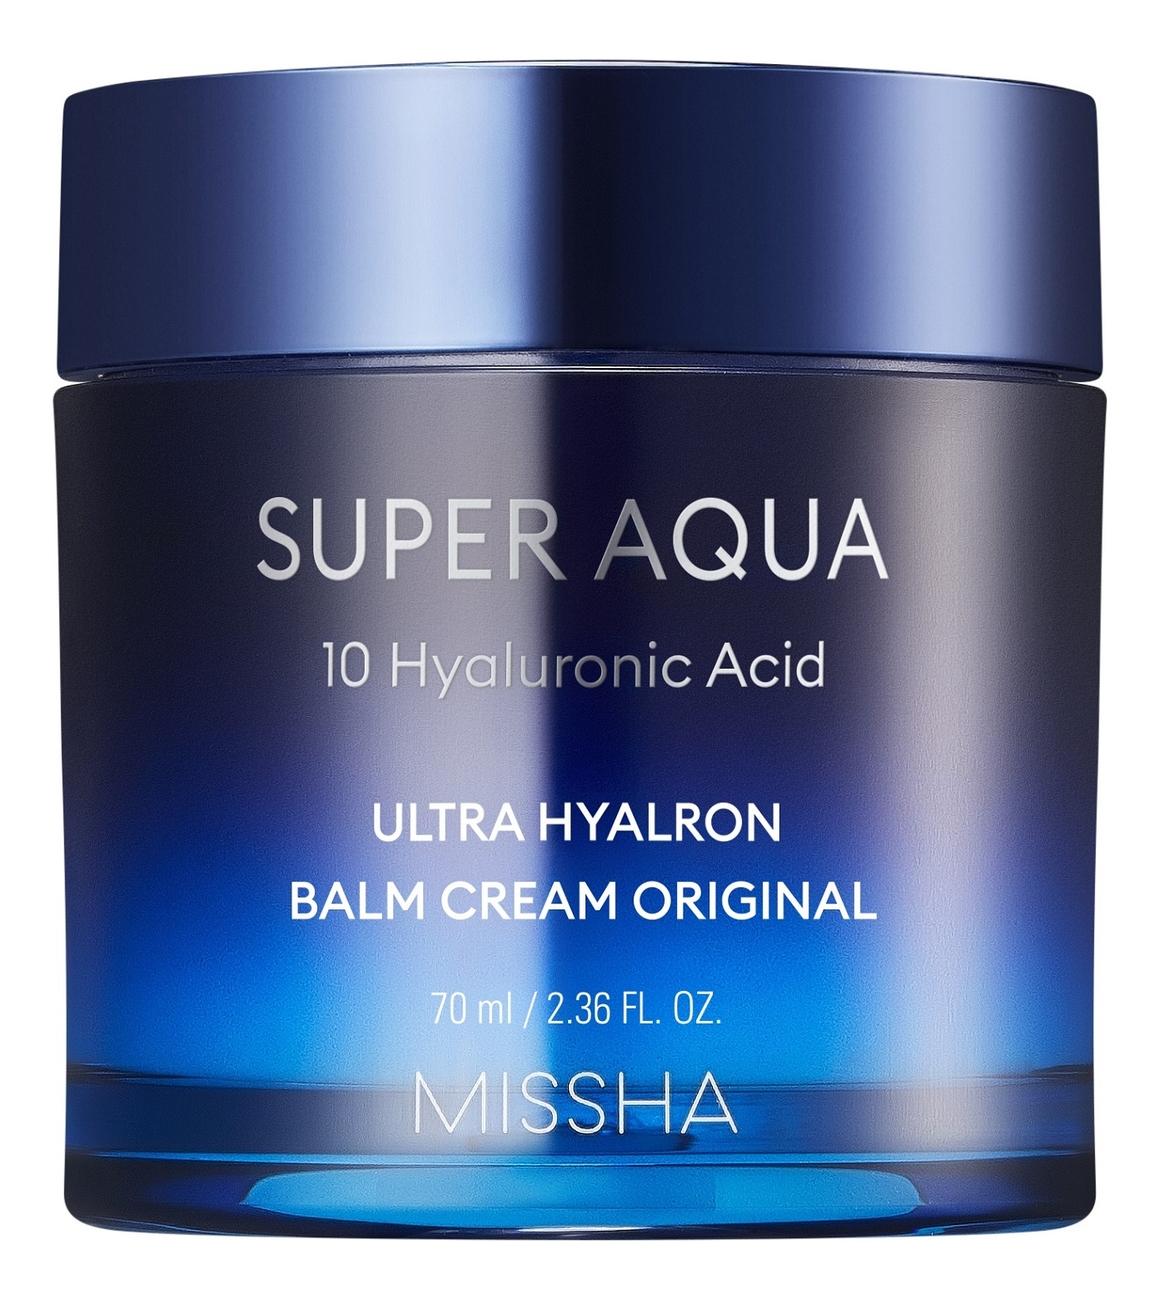 Увлажняющий крем-бальзам для лица Super Aqua Ultra Hyalron Balm Cream Original 70мл вв крем skin79 super plus beblesh balm orange 7 мл